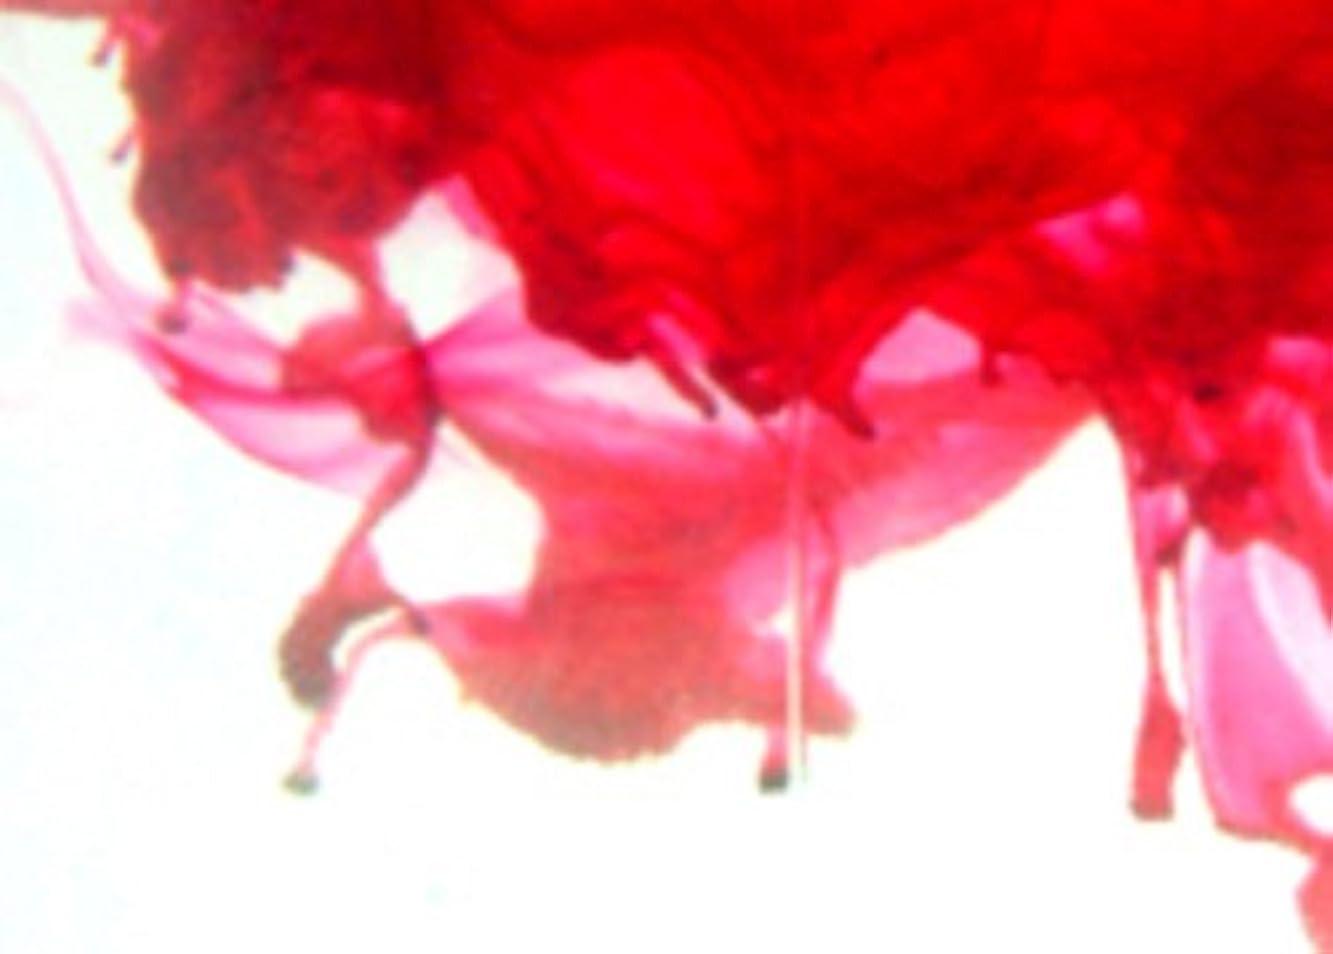 ゆり風刺勝つFuchsia Soap Dye 10ml - Highly Concentrated